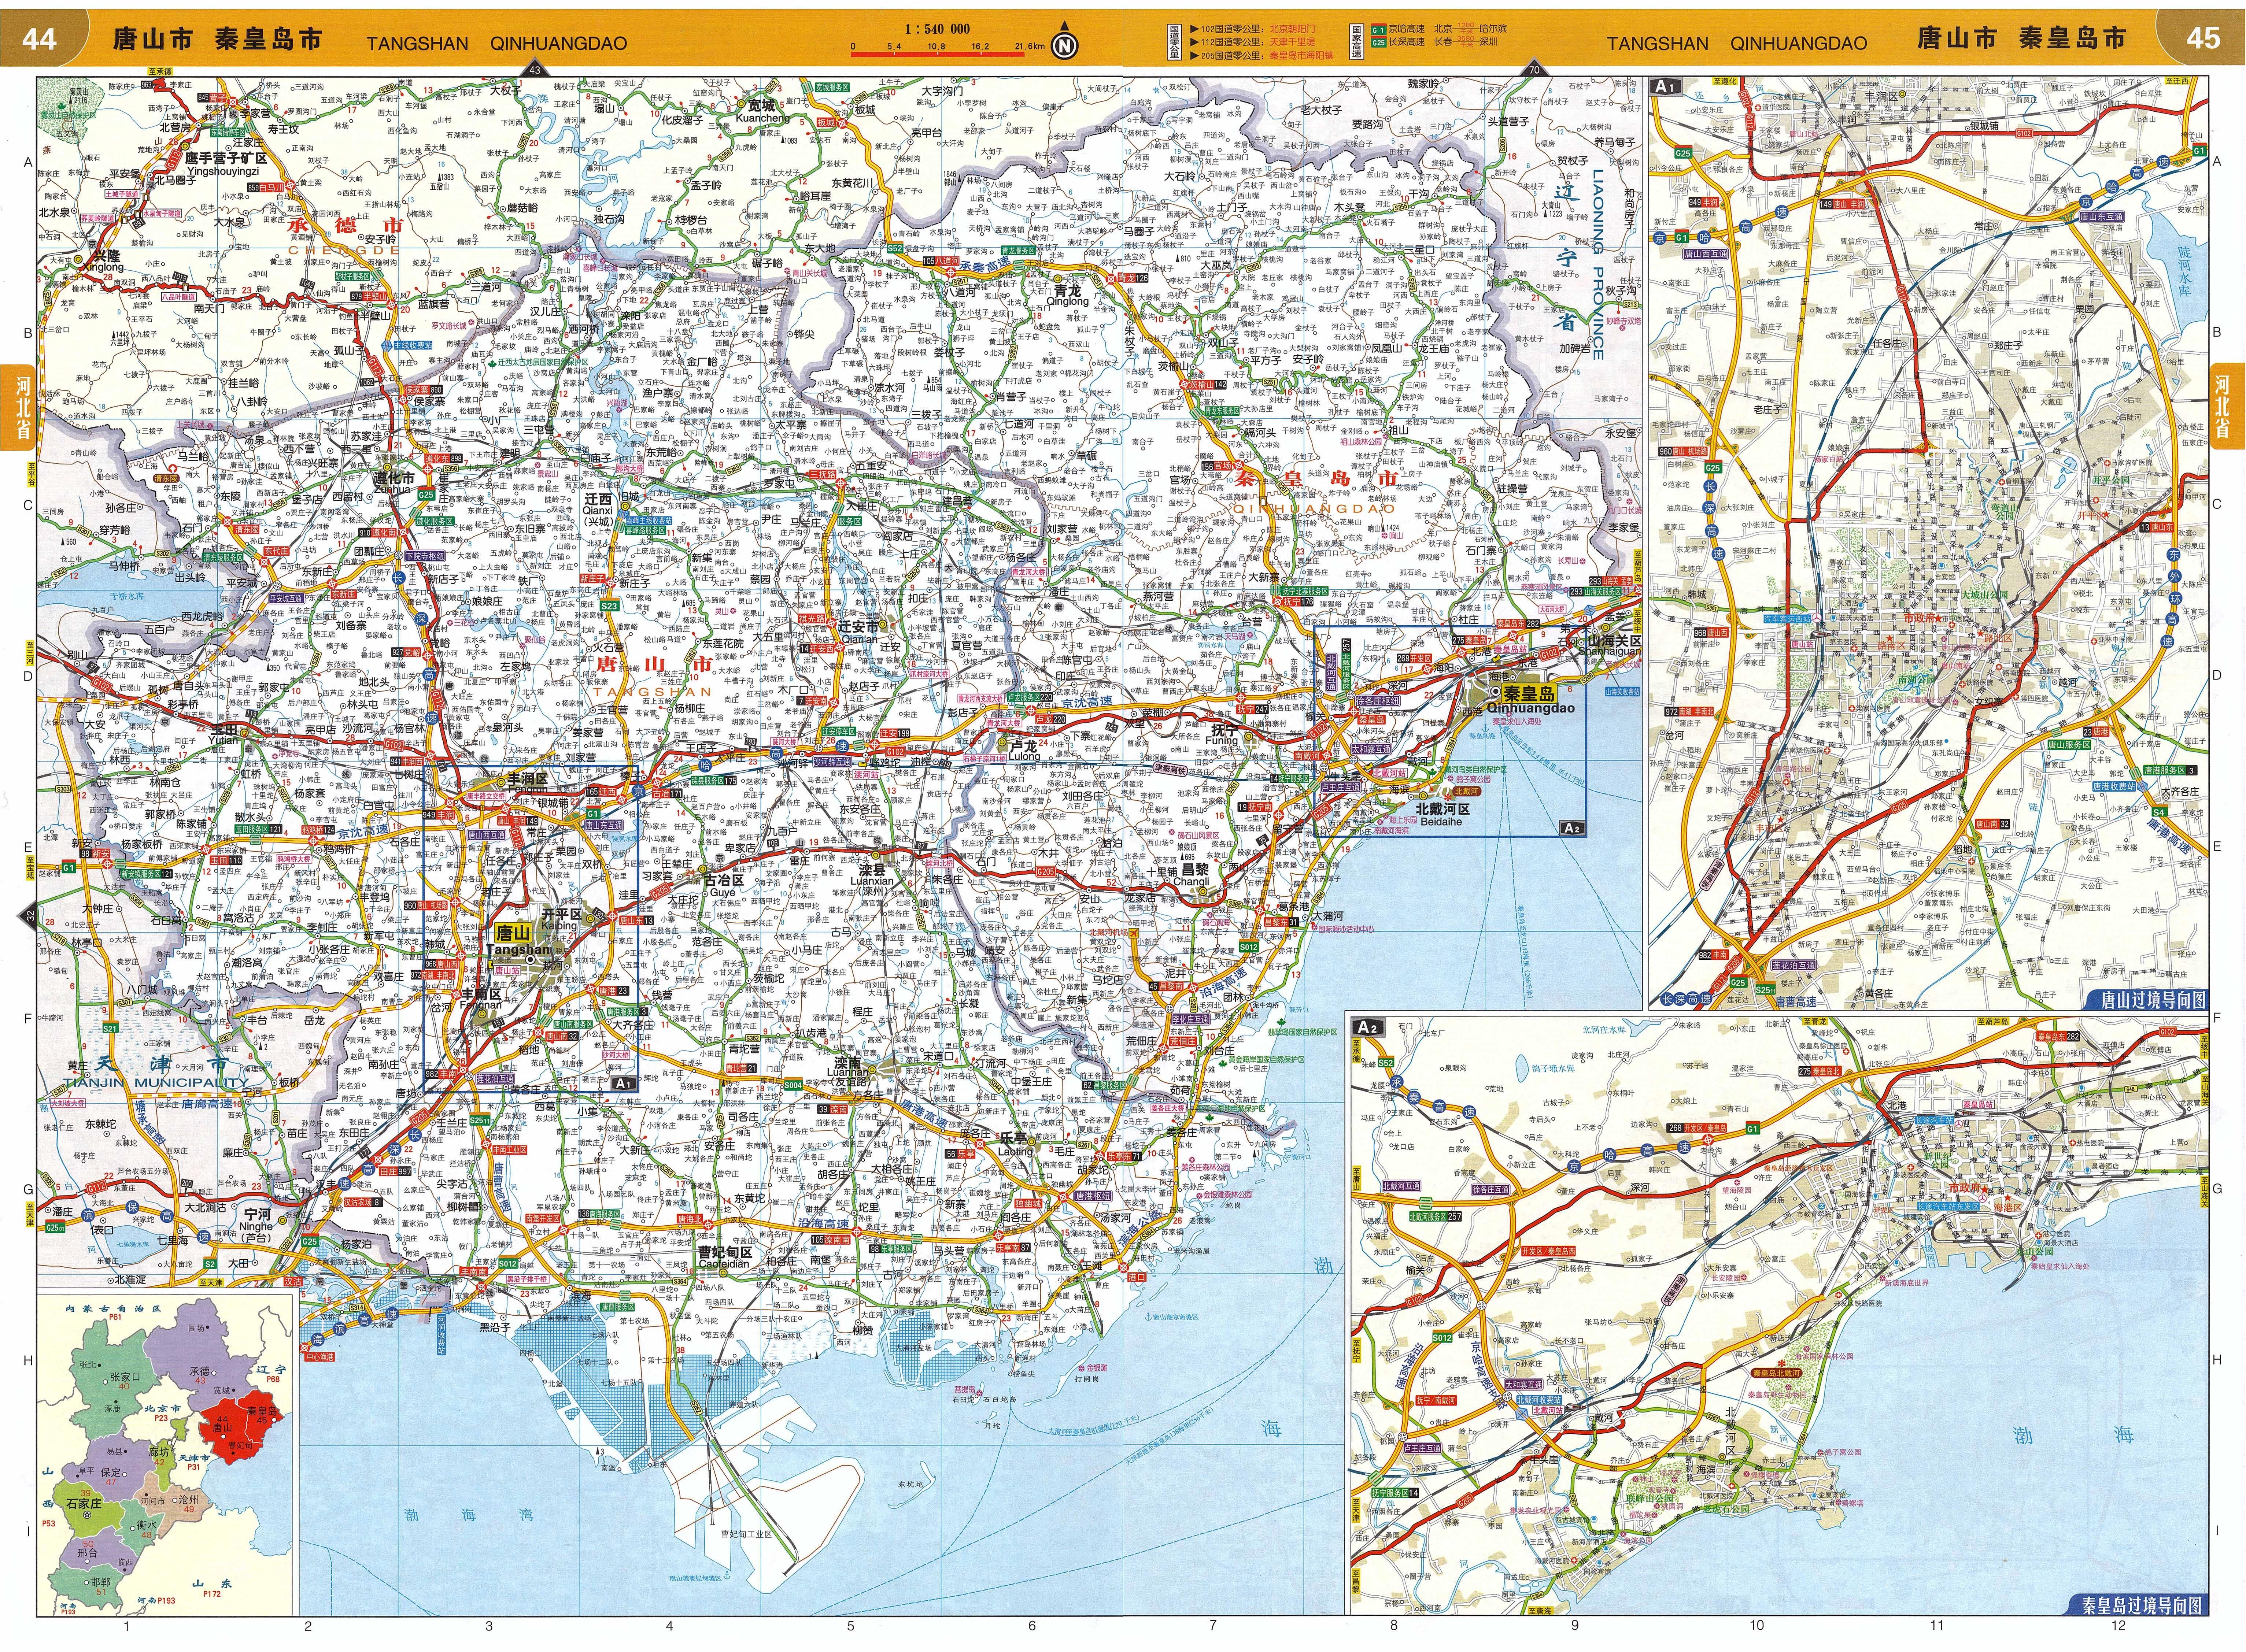 河北唐山市,秦皇岛市交通地图全图高清版